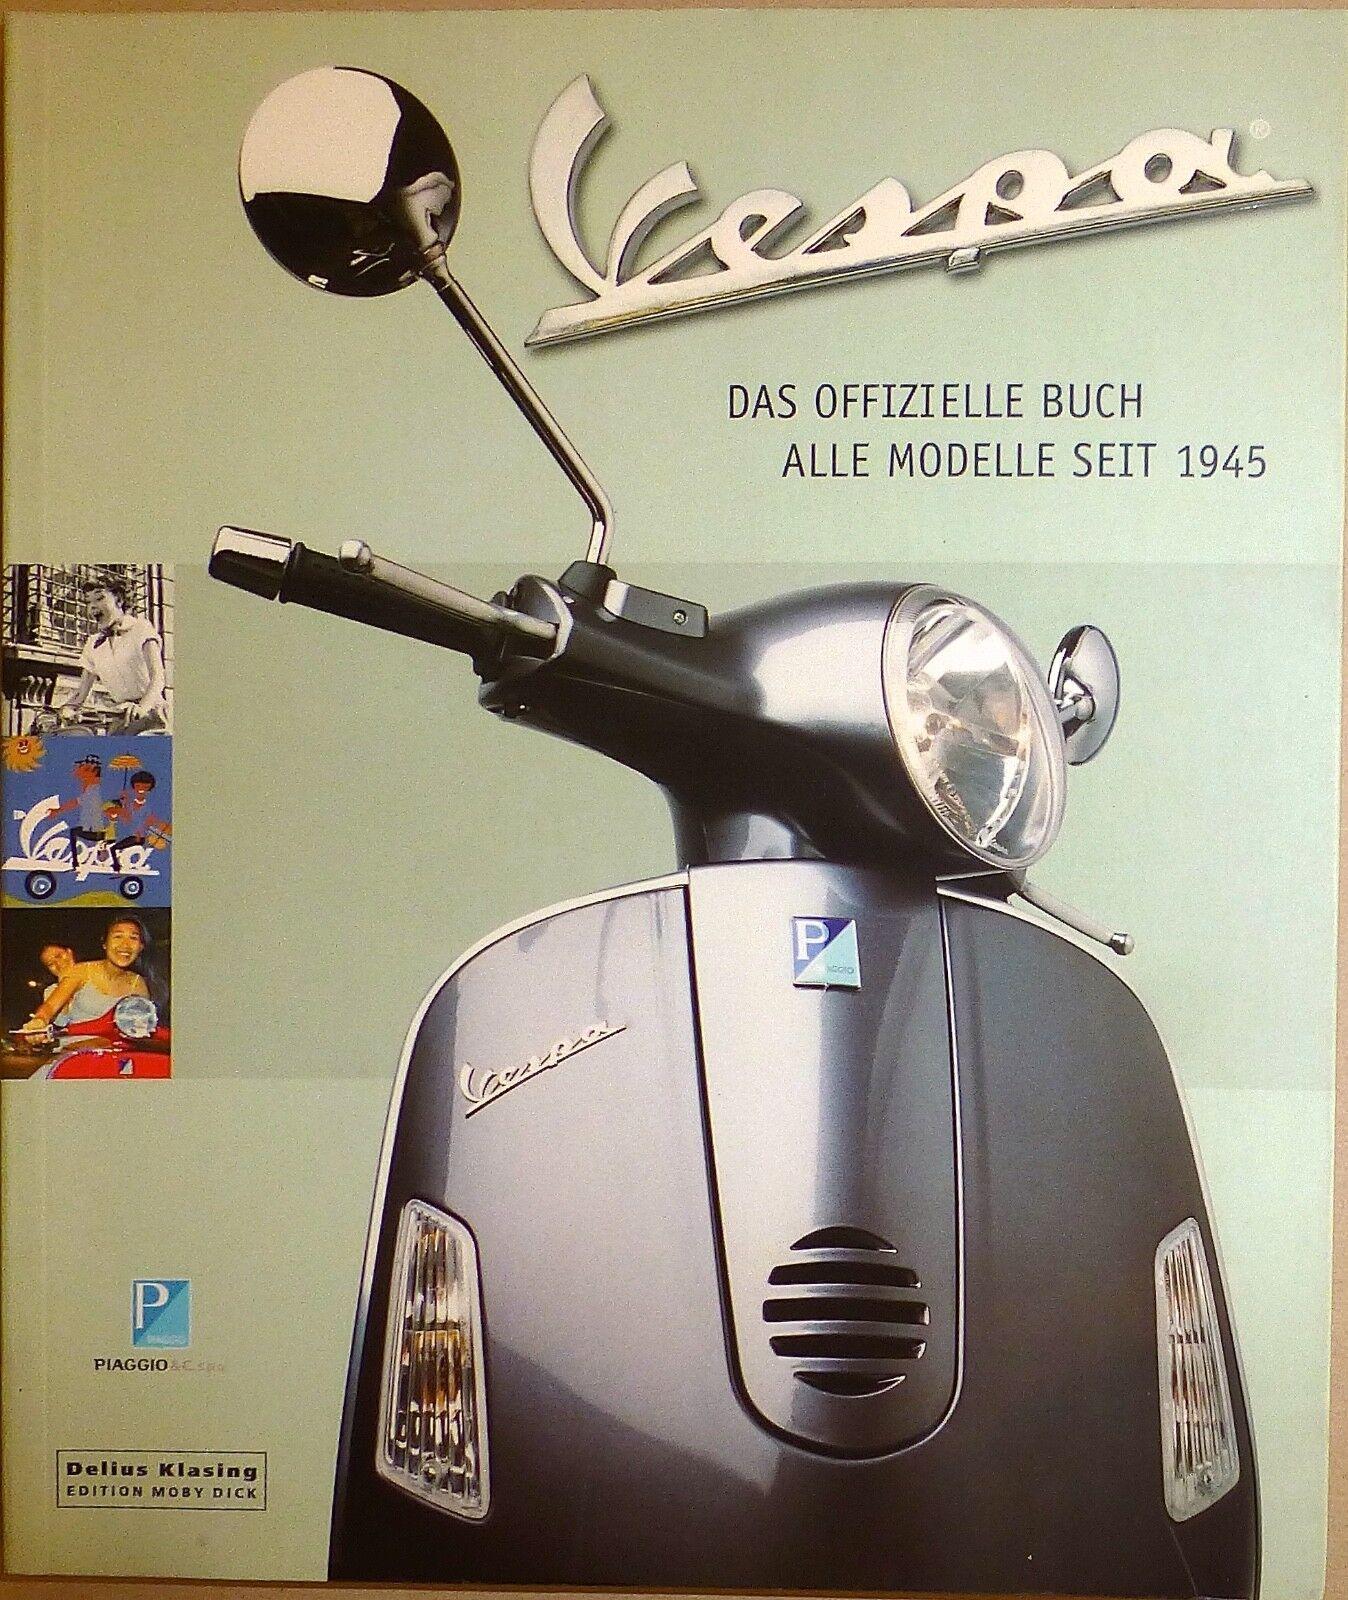 VESPA Das Ufficiale LIBRO Tutti Modelli dal 1945 PIAGGIO DELIUS KLASING HT6 Å